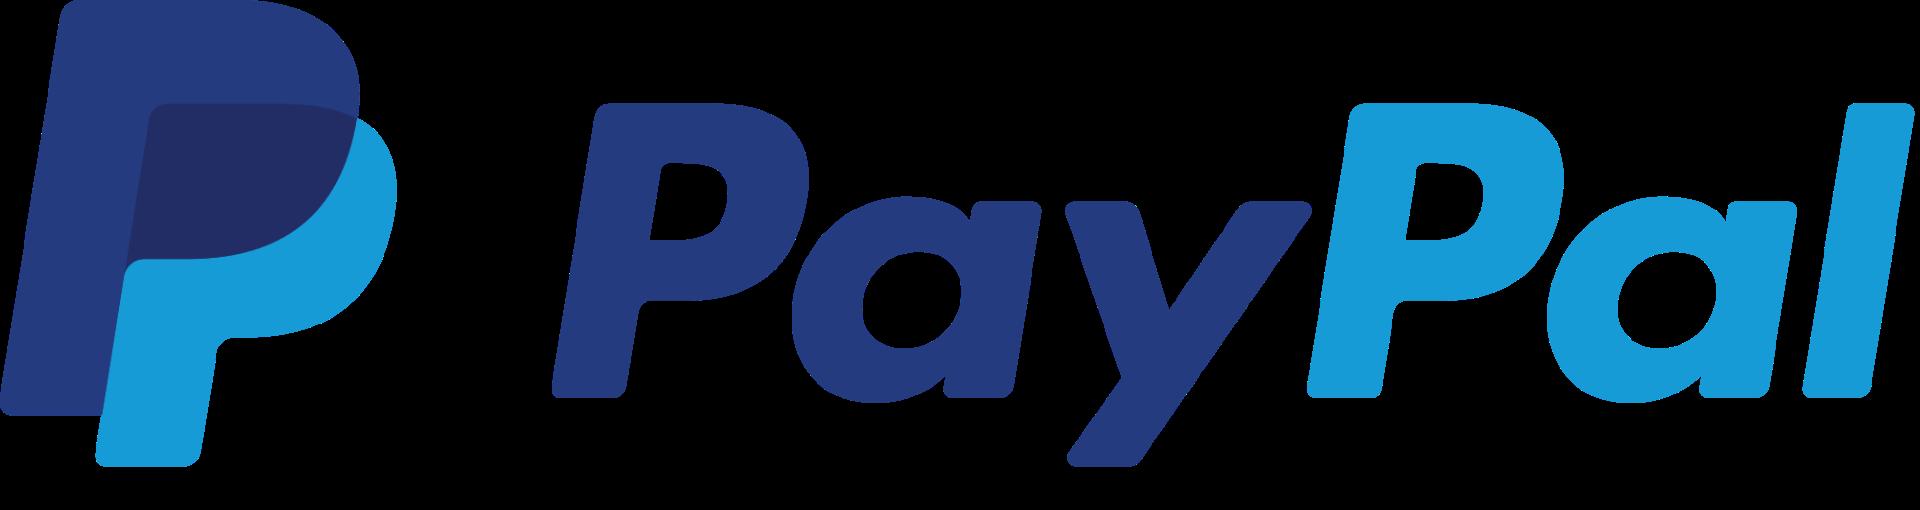 Paypal - Pagamenti in sicurezza